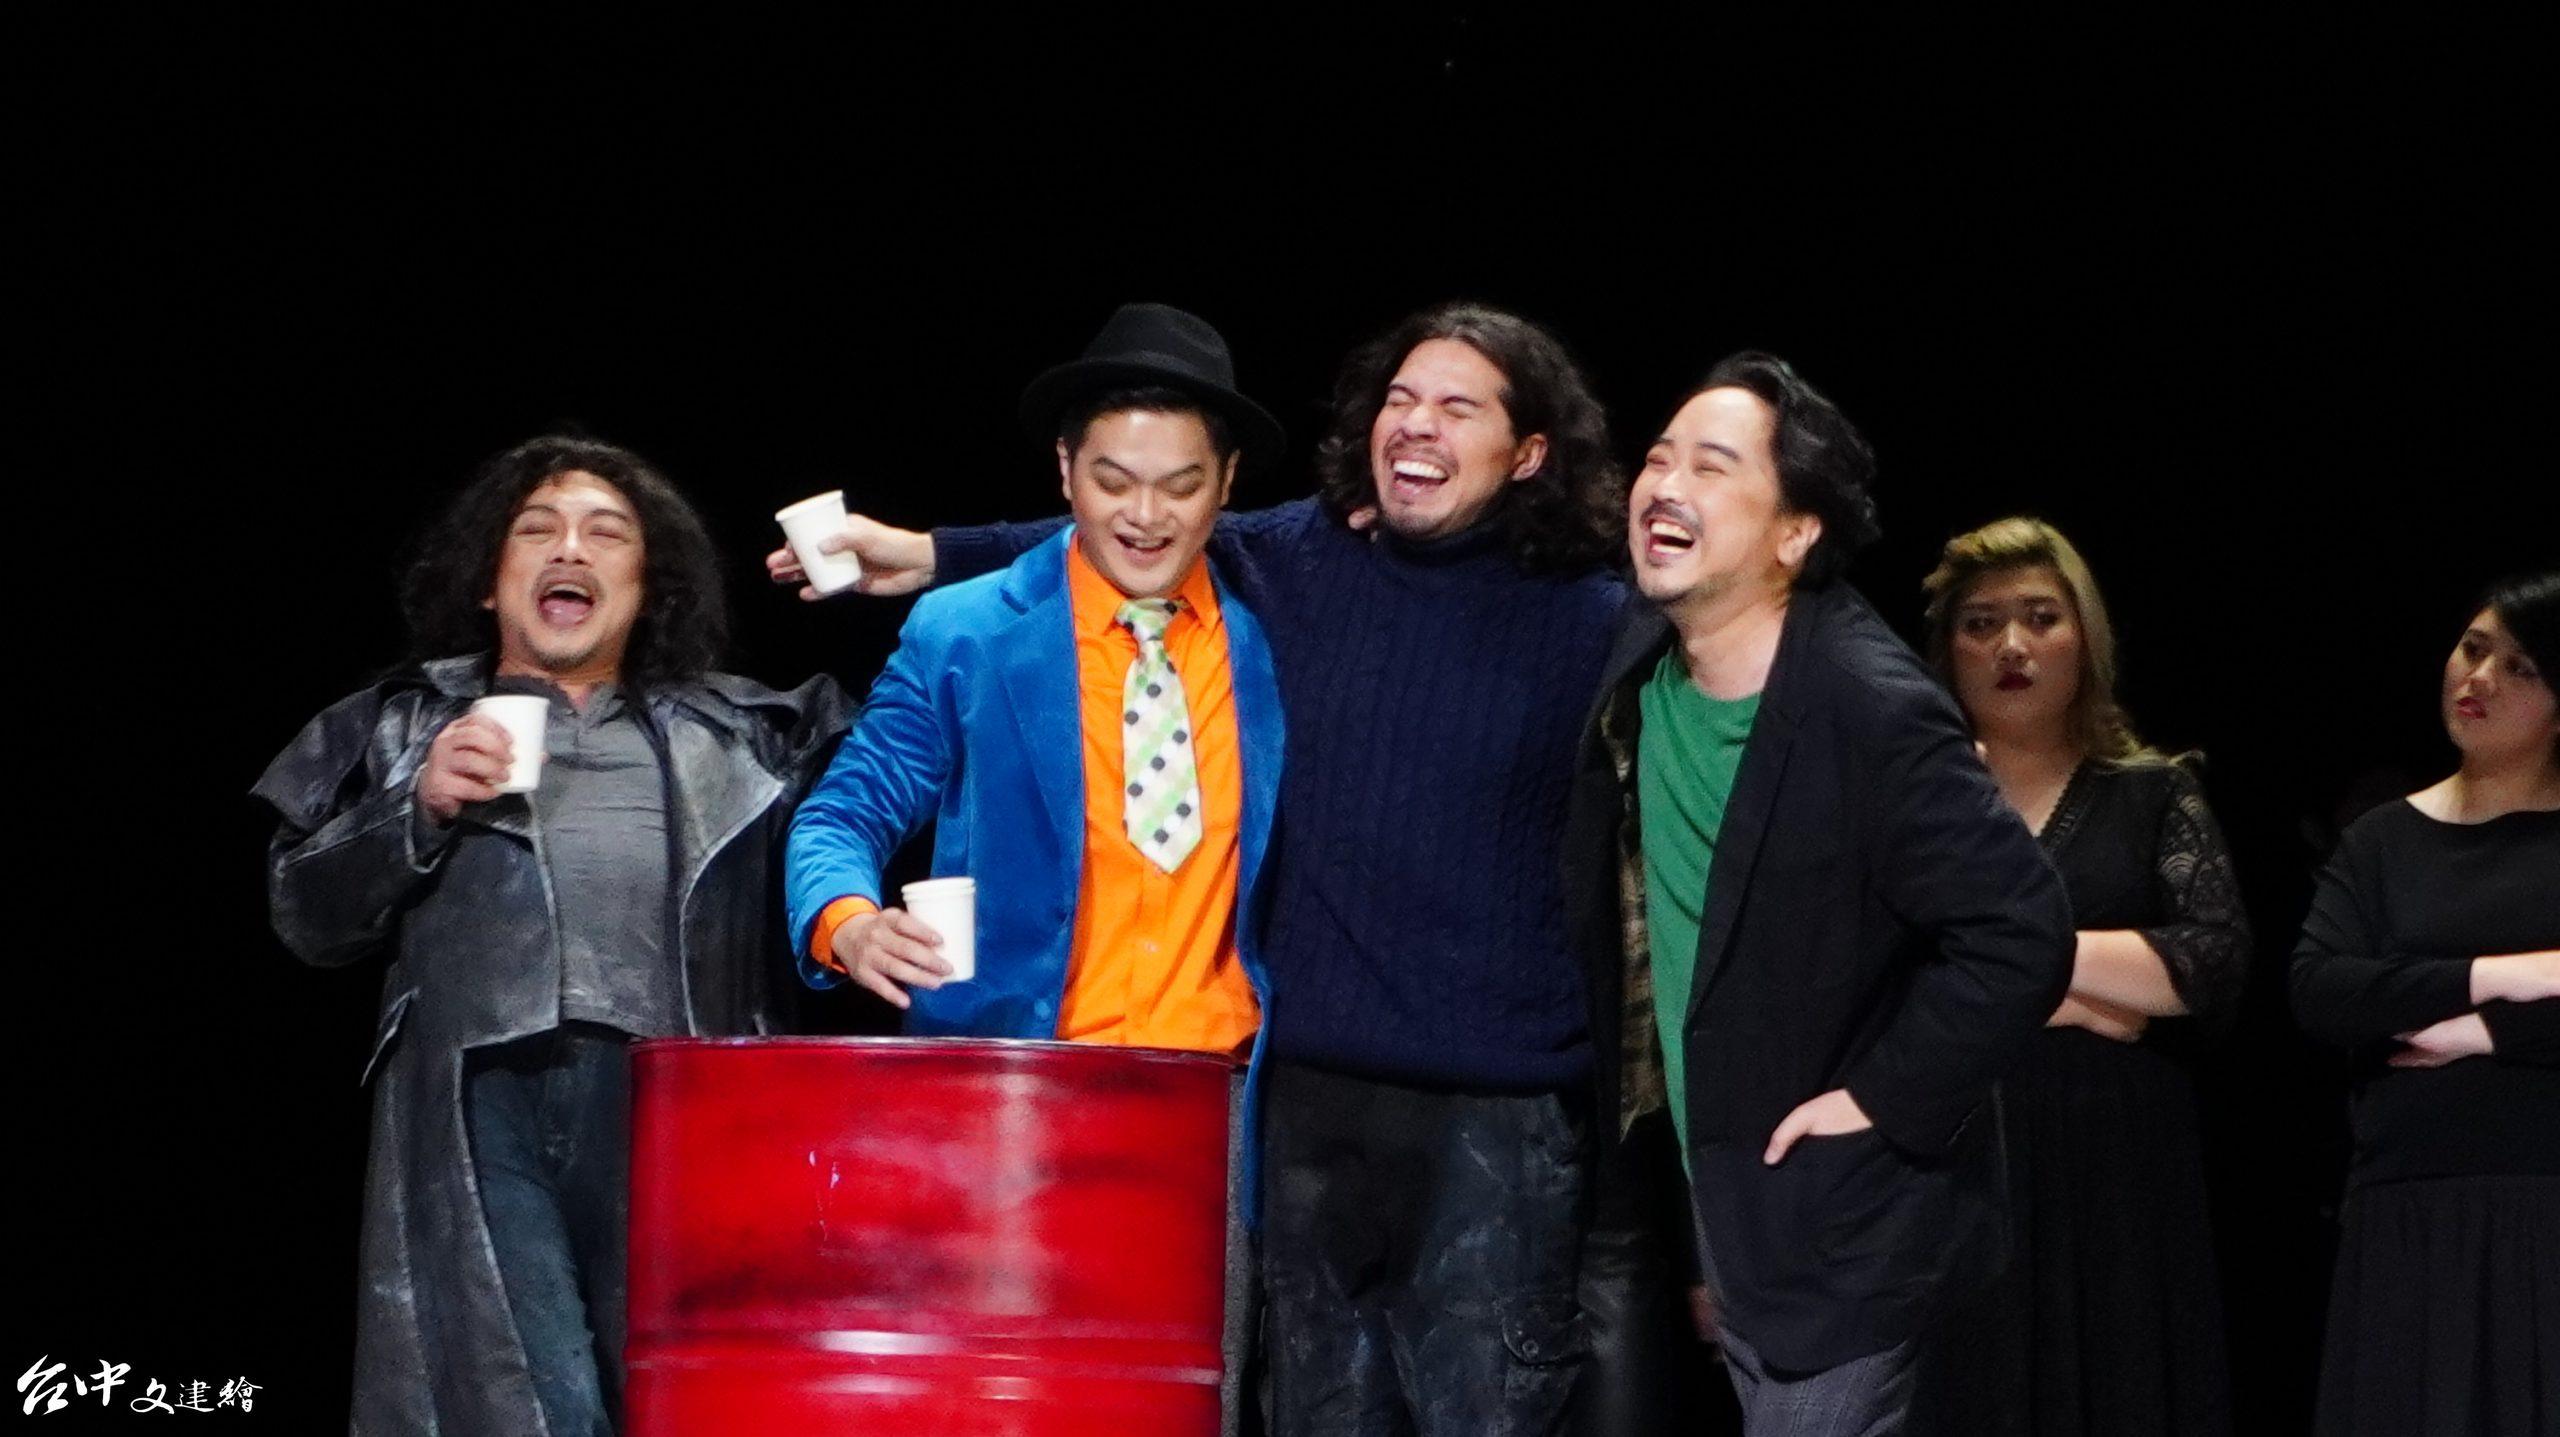 「波希米亞人」彩排,(由左至右)柯林(羅俊穎飾)、舒奧納(葉展毓飾)、馬爾切洛(Ethan Vincent飾)、魯道夫(鄭皓允Hoyoon CHUNG 飾)。(攝影:謝平平)